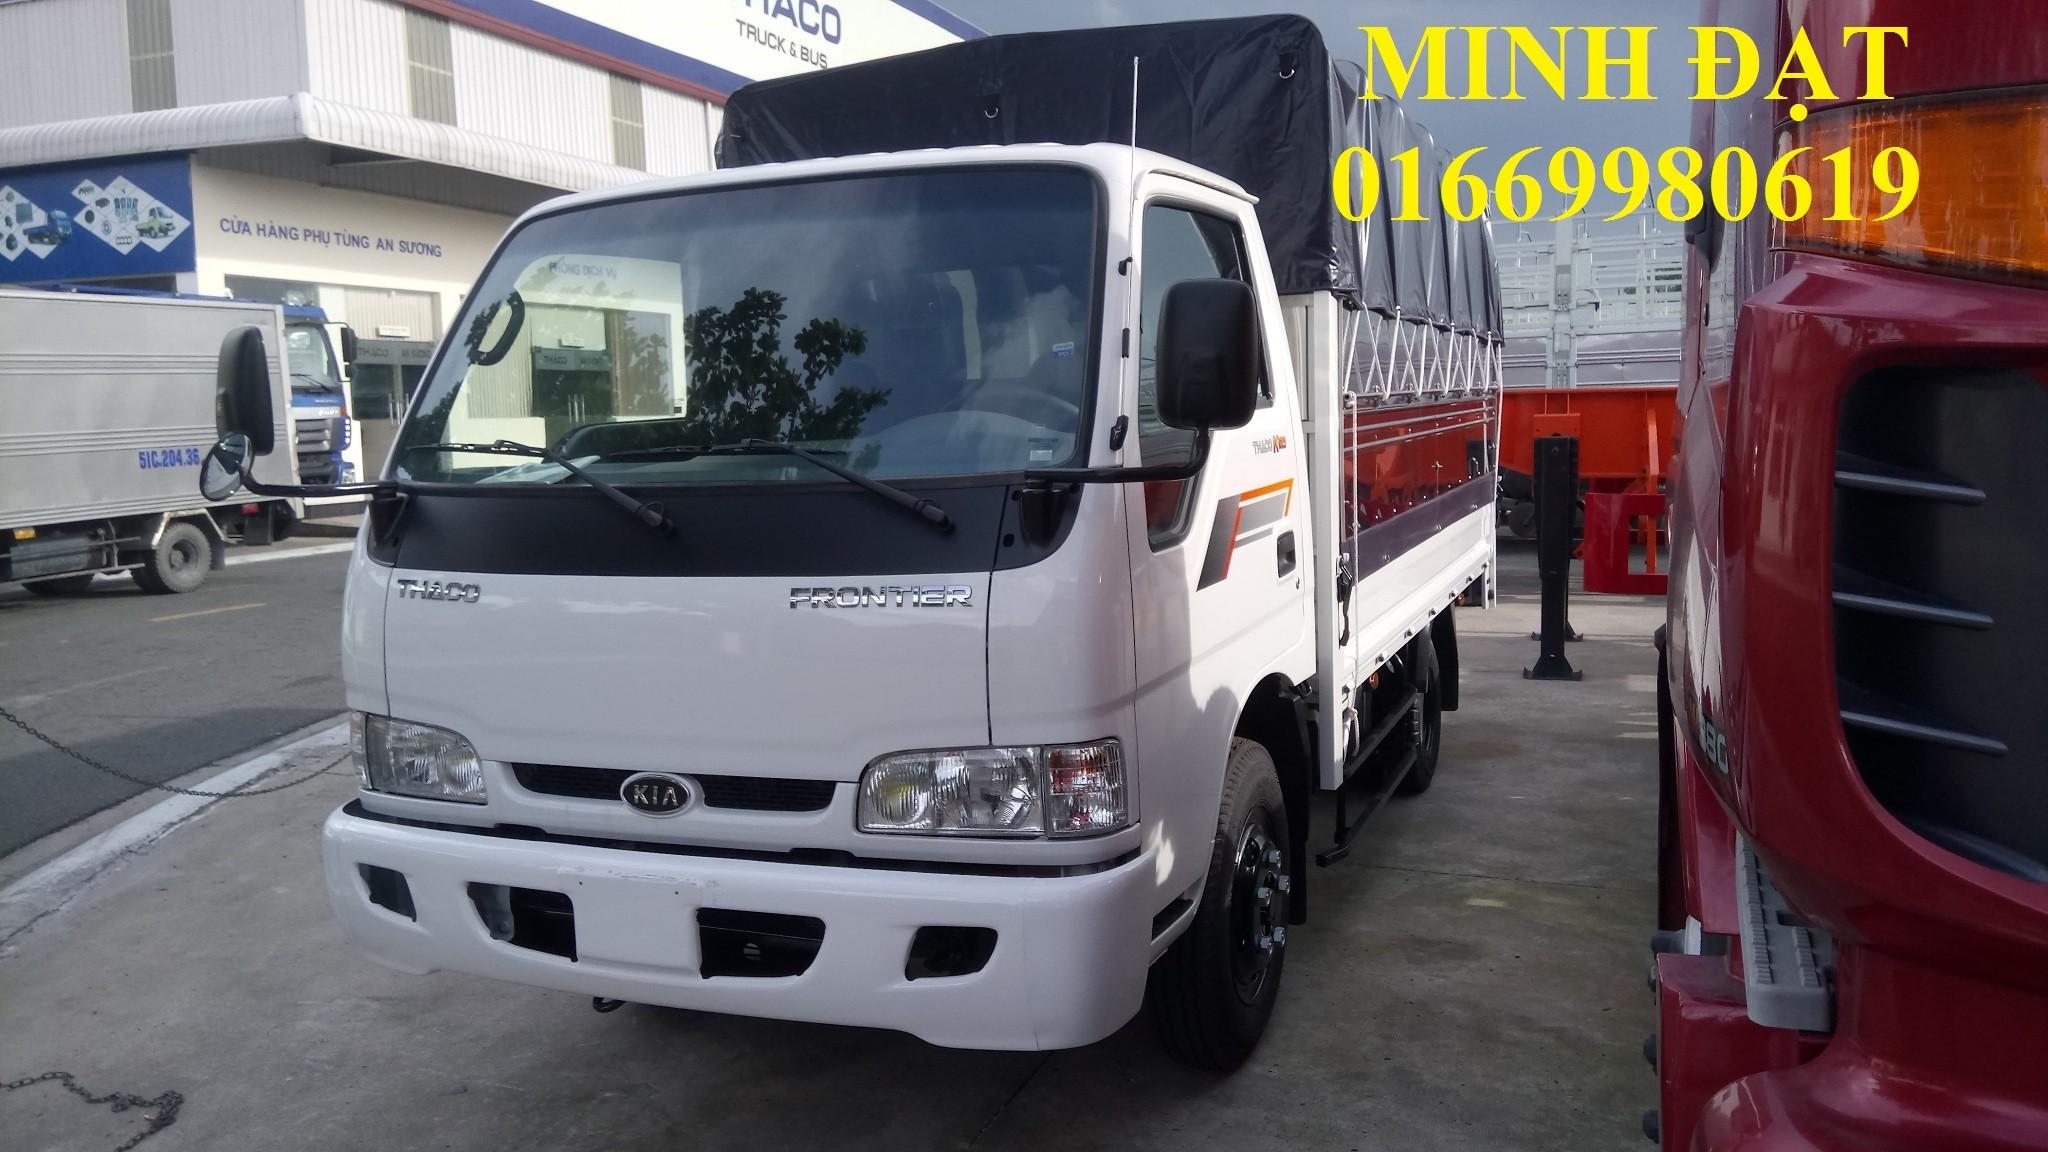 Xe tải nhẹ kia k165 2t4 vào thành phố trả góp, xe tải kia 2.4 tấn kia, bán xe tải trả góp 85% tp.hcm Ảnh số 39631815